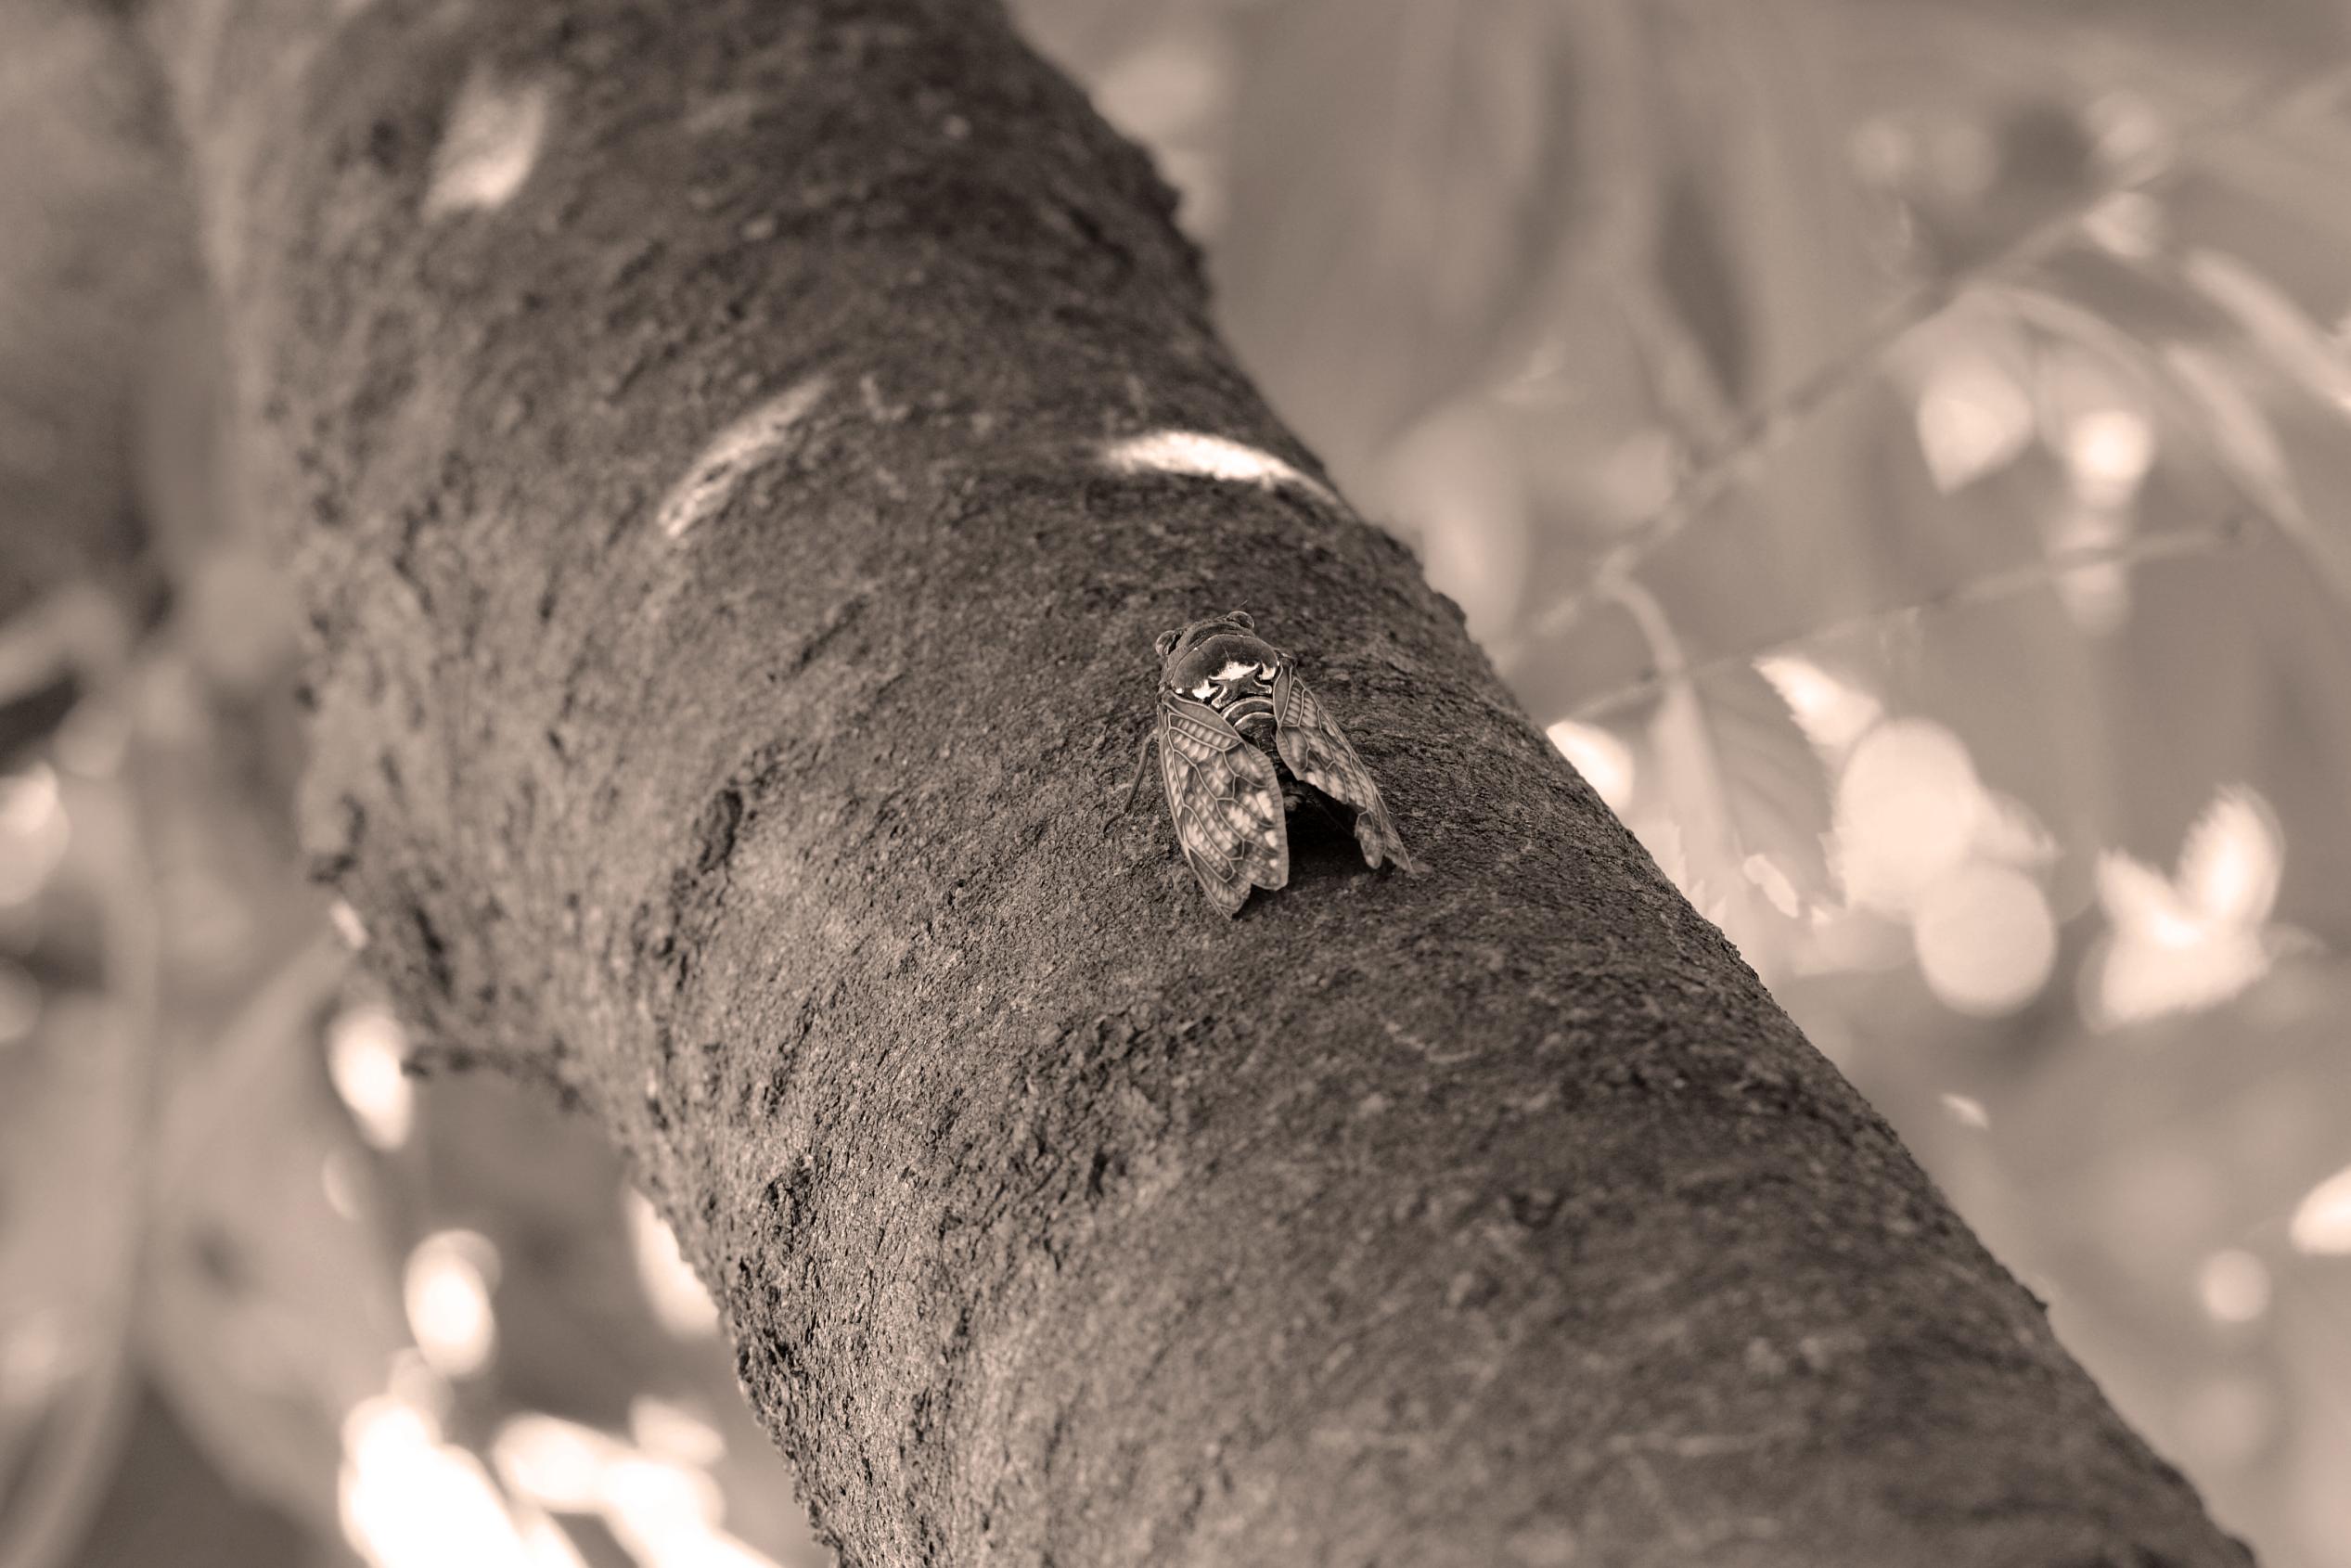 木に止まるセミの写真